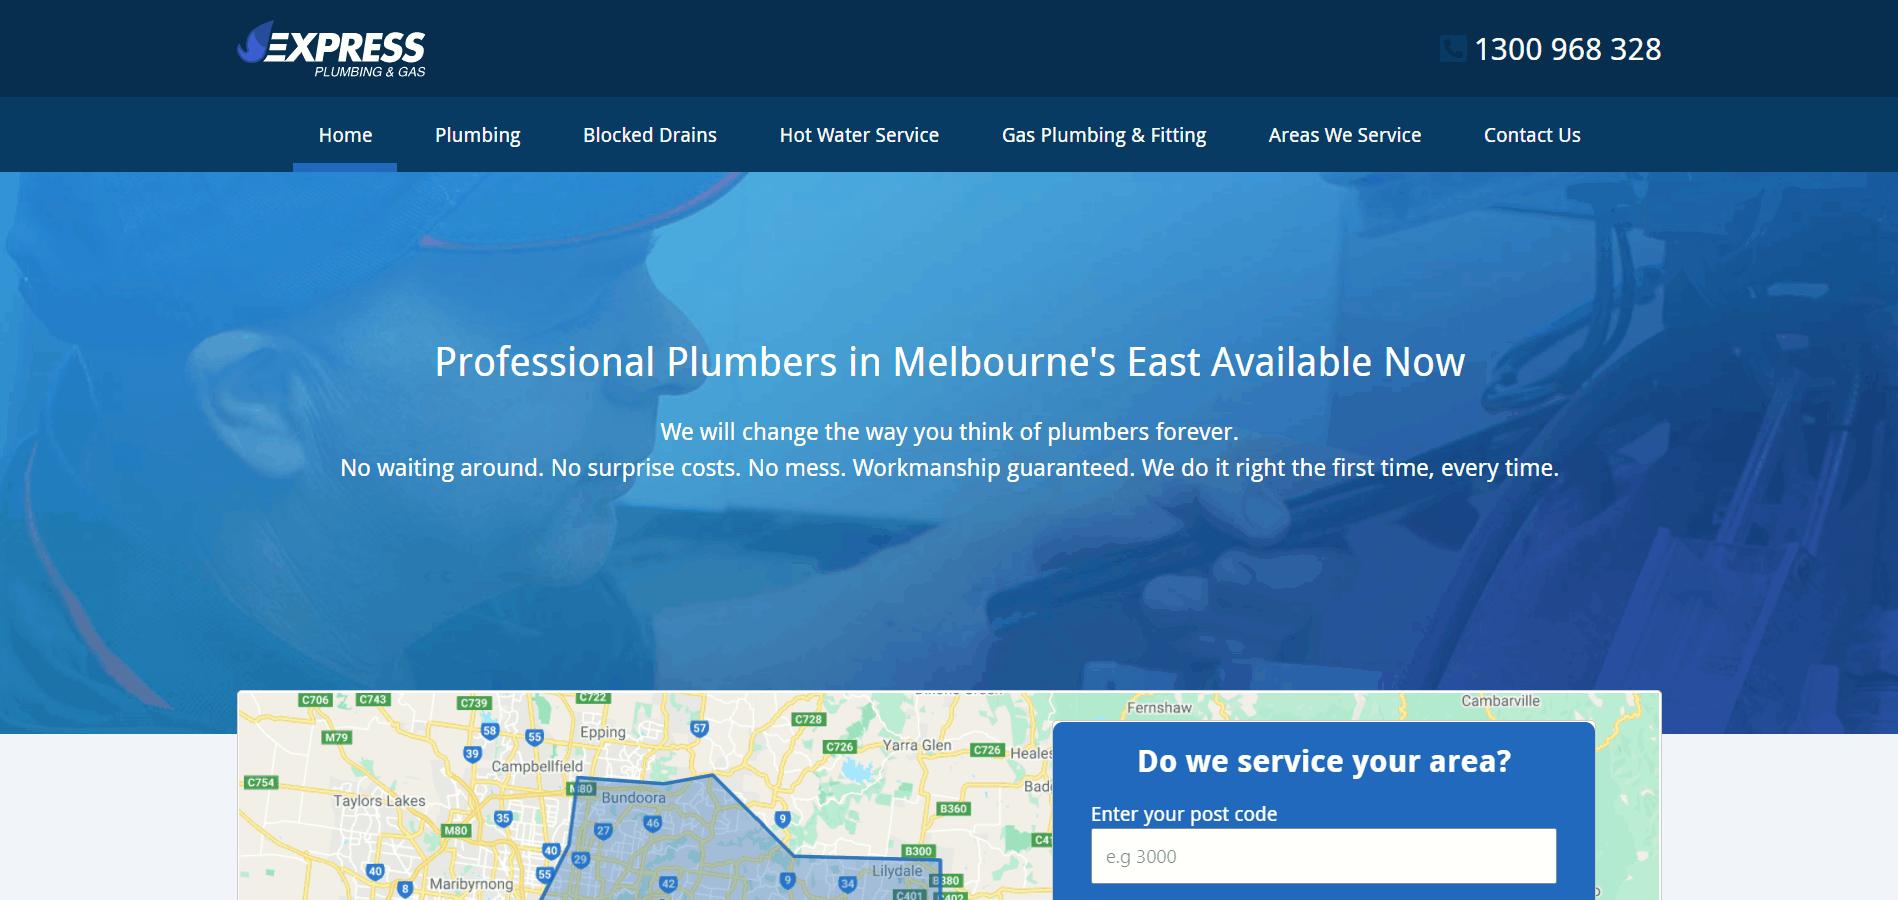 Express Plumbing & Gas